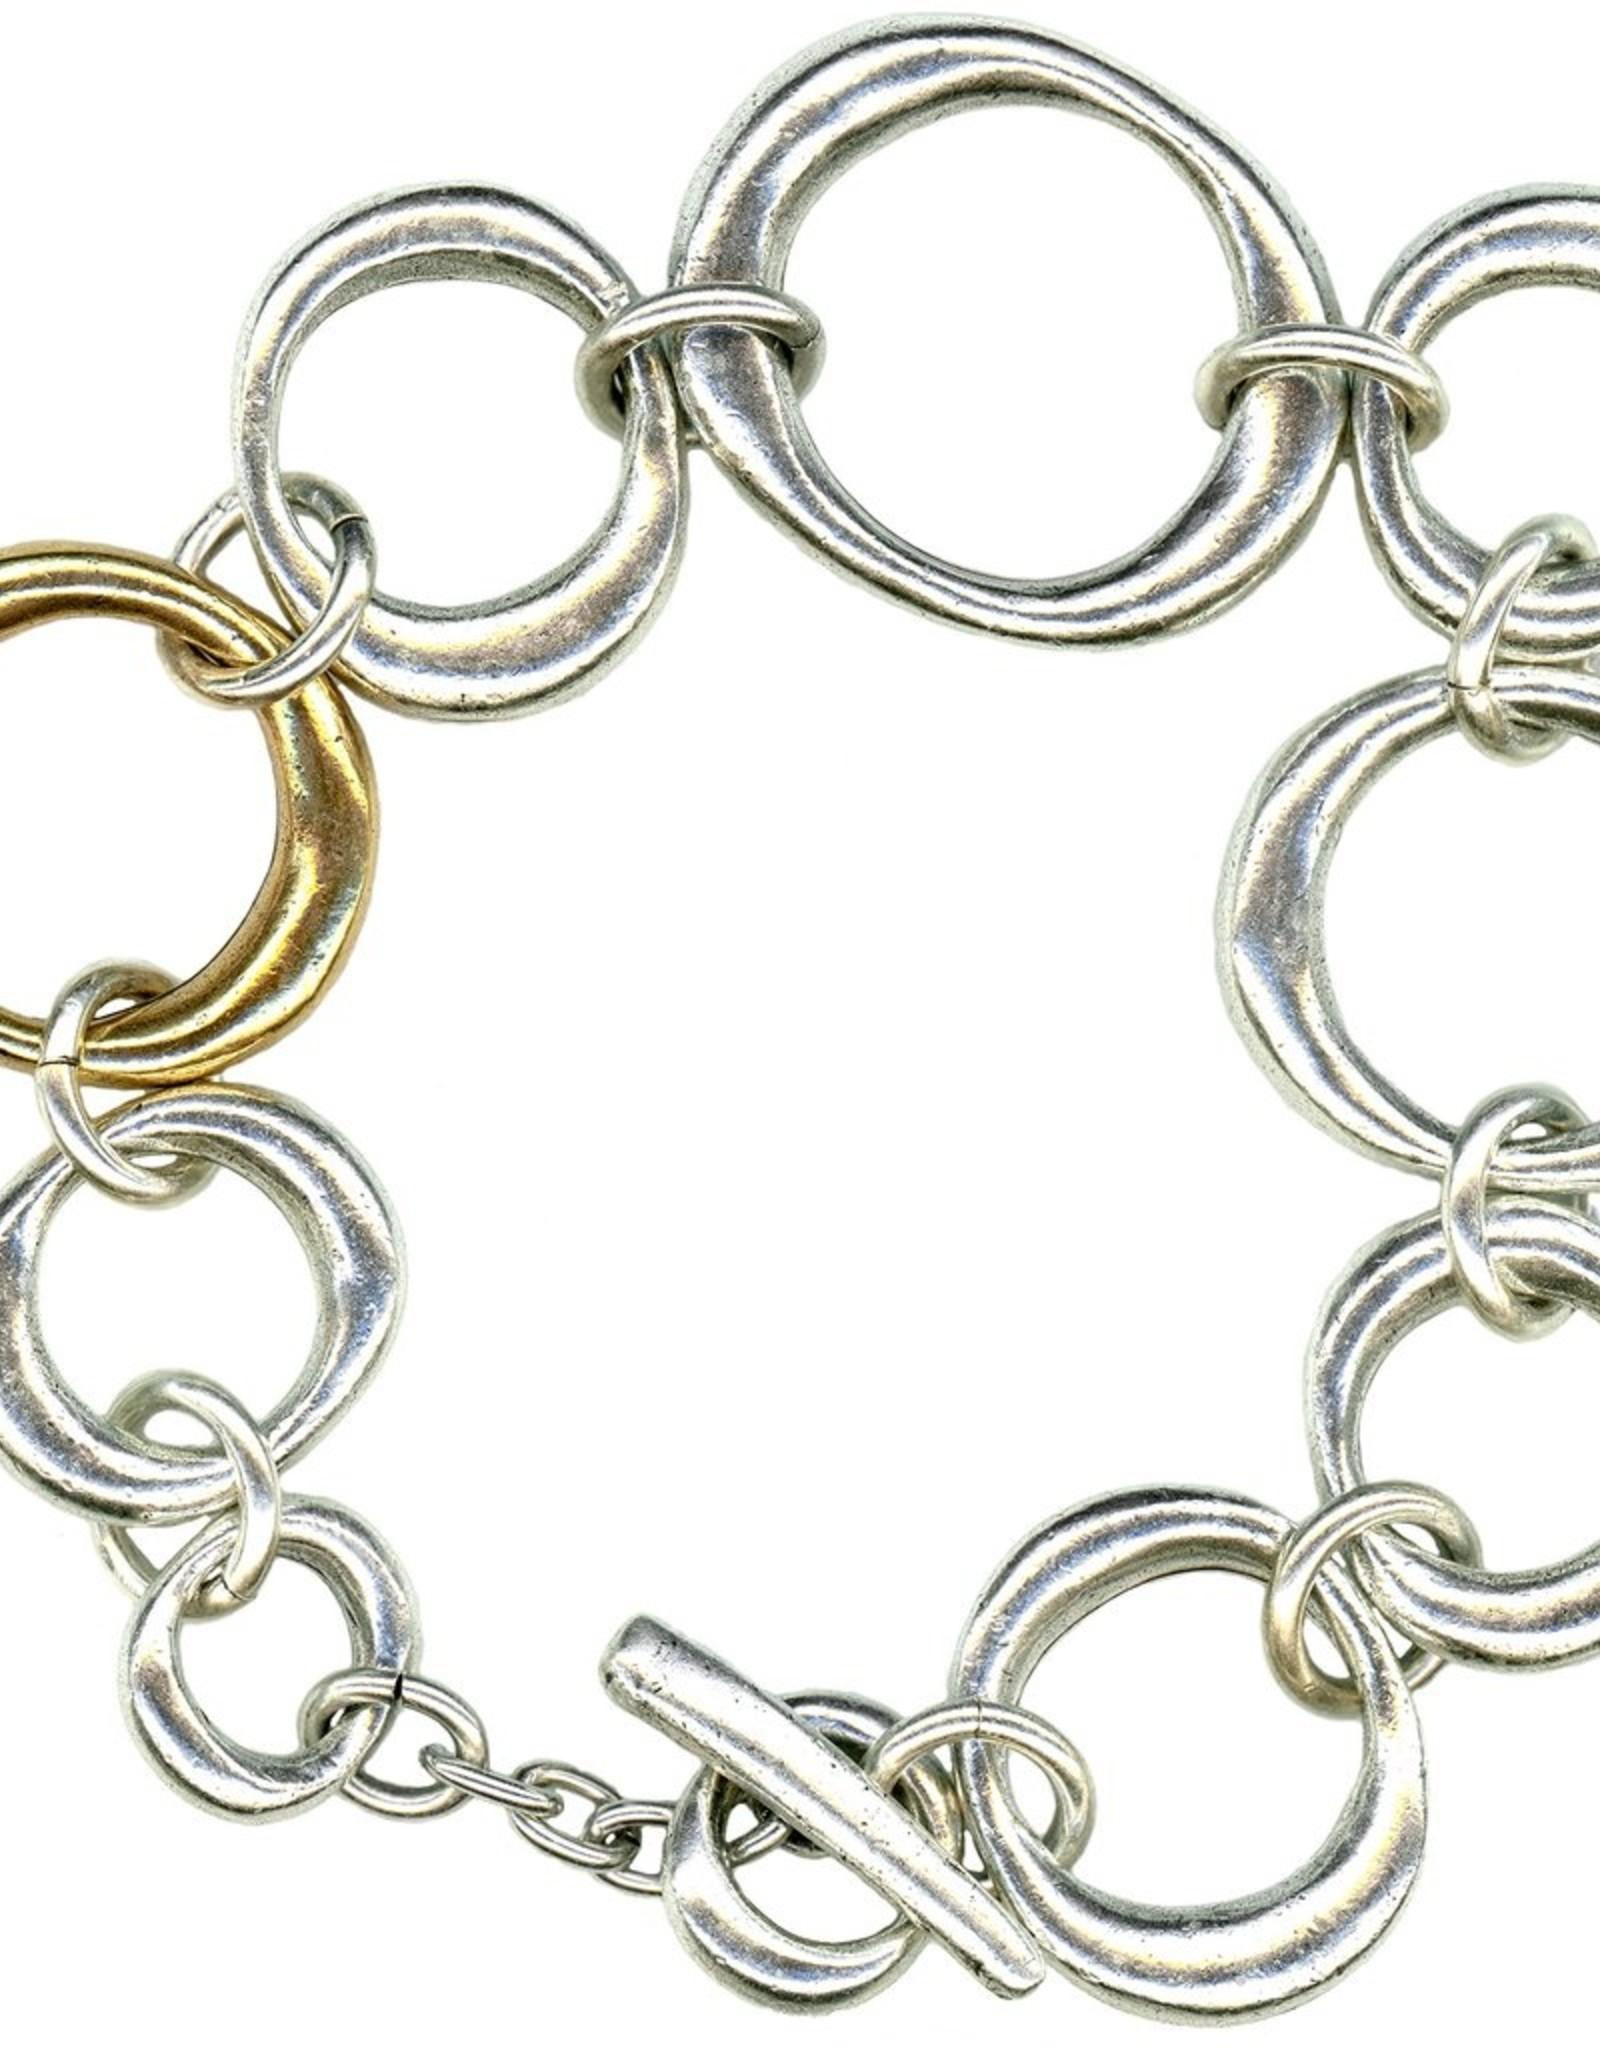 Linked Up Bracelet